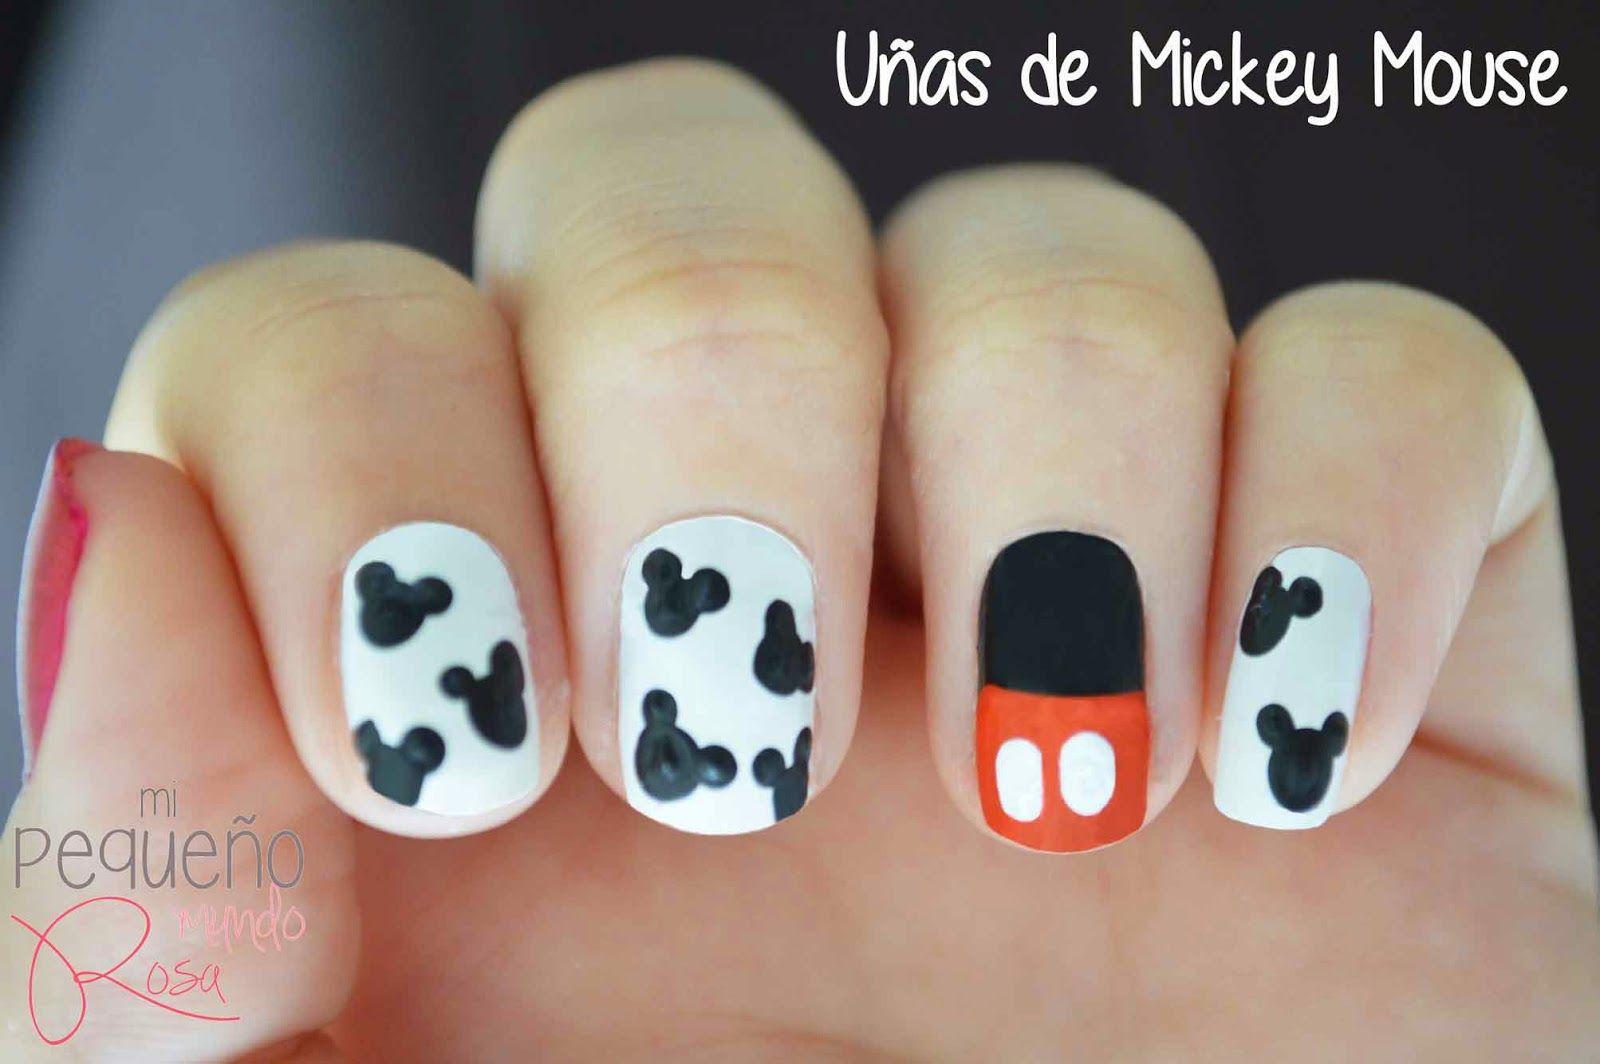 Mi pequeño mundo rosa ♥: Diseño de uñas de Mickey Mouse ♥ | Diseño ...